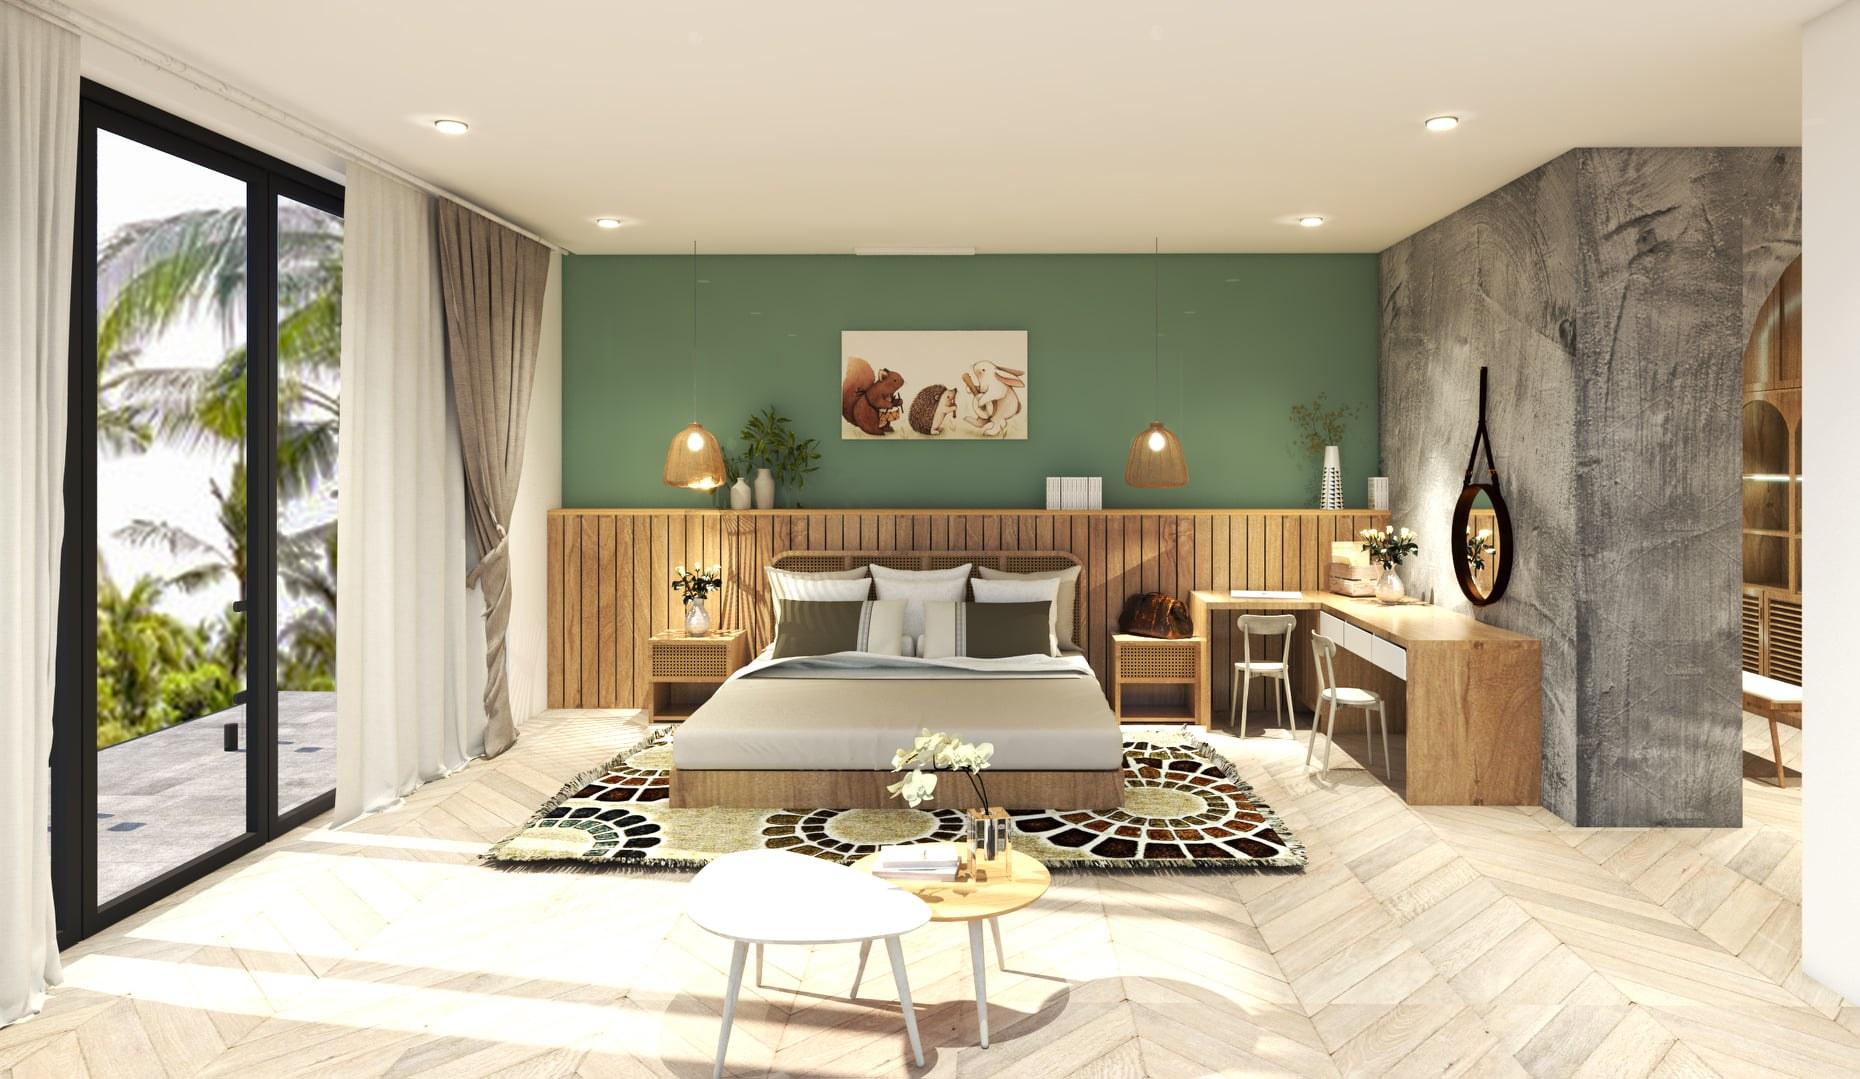 Hướng kê giường ngủ và màu sắc phòng ngủ nên thiết kế hợp với mệnh của chủ nhân căn phòng